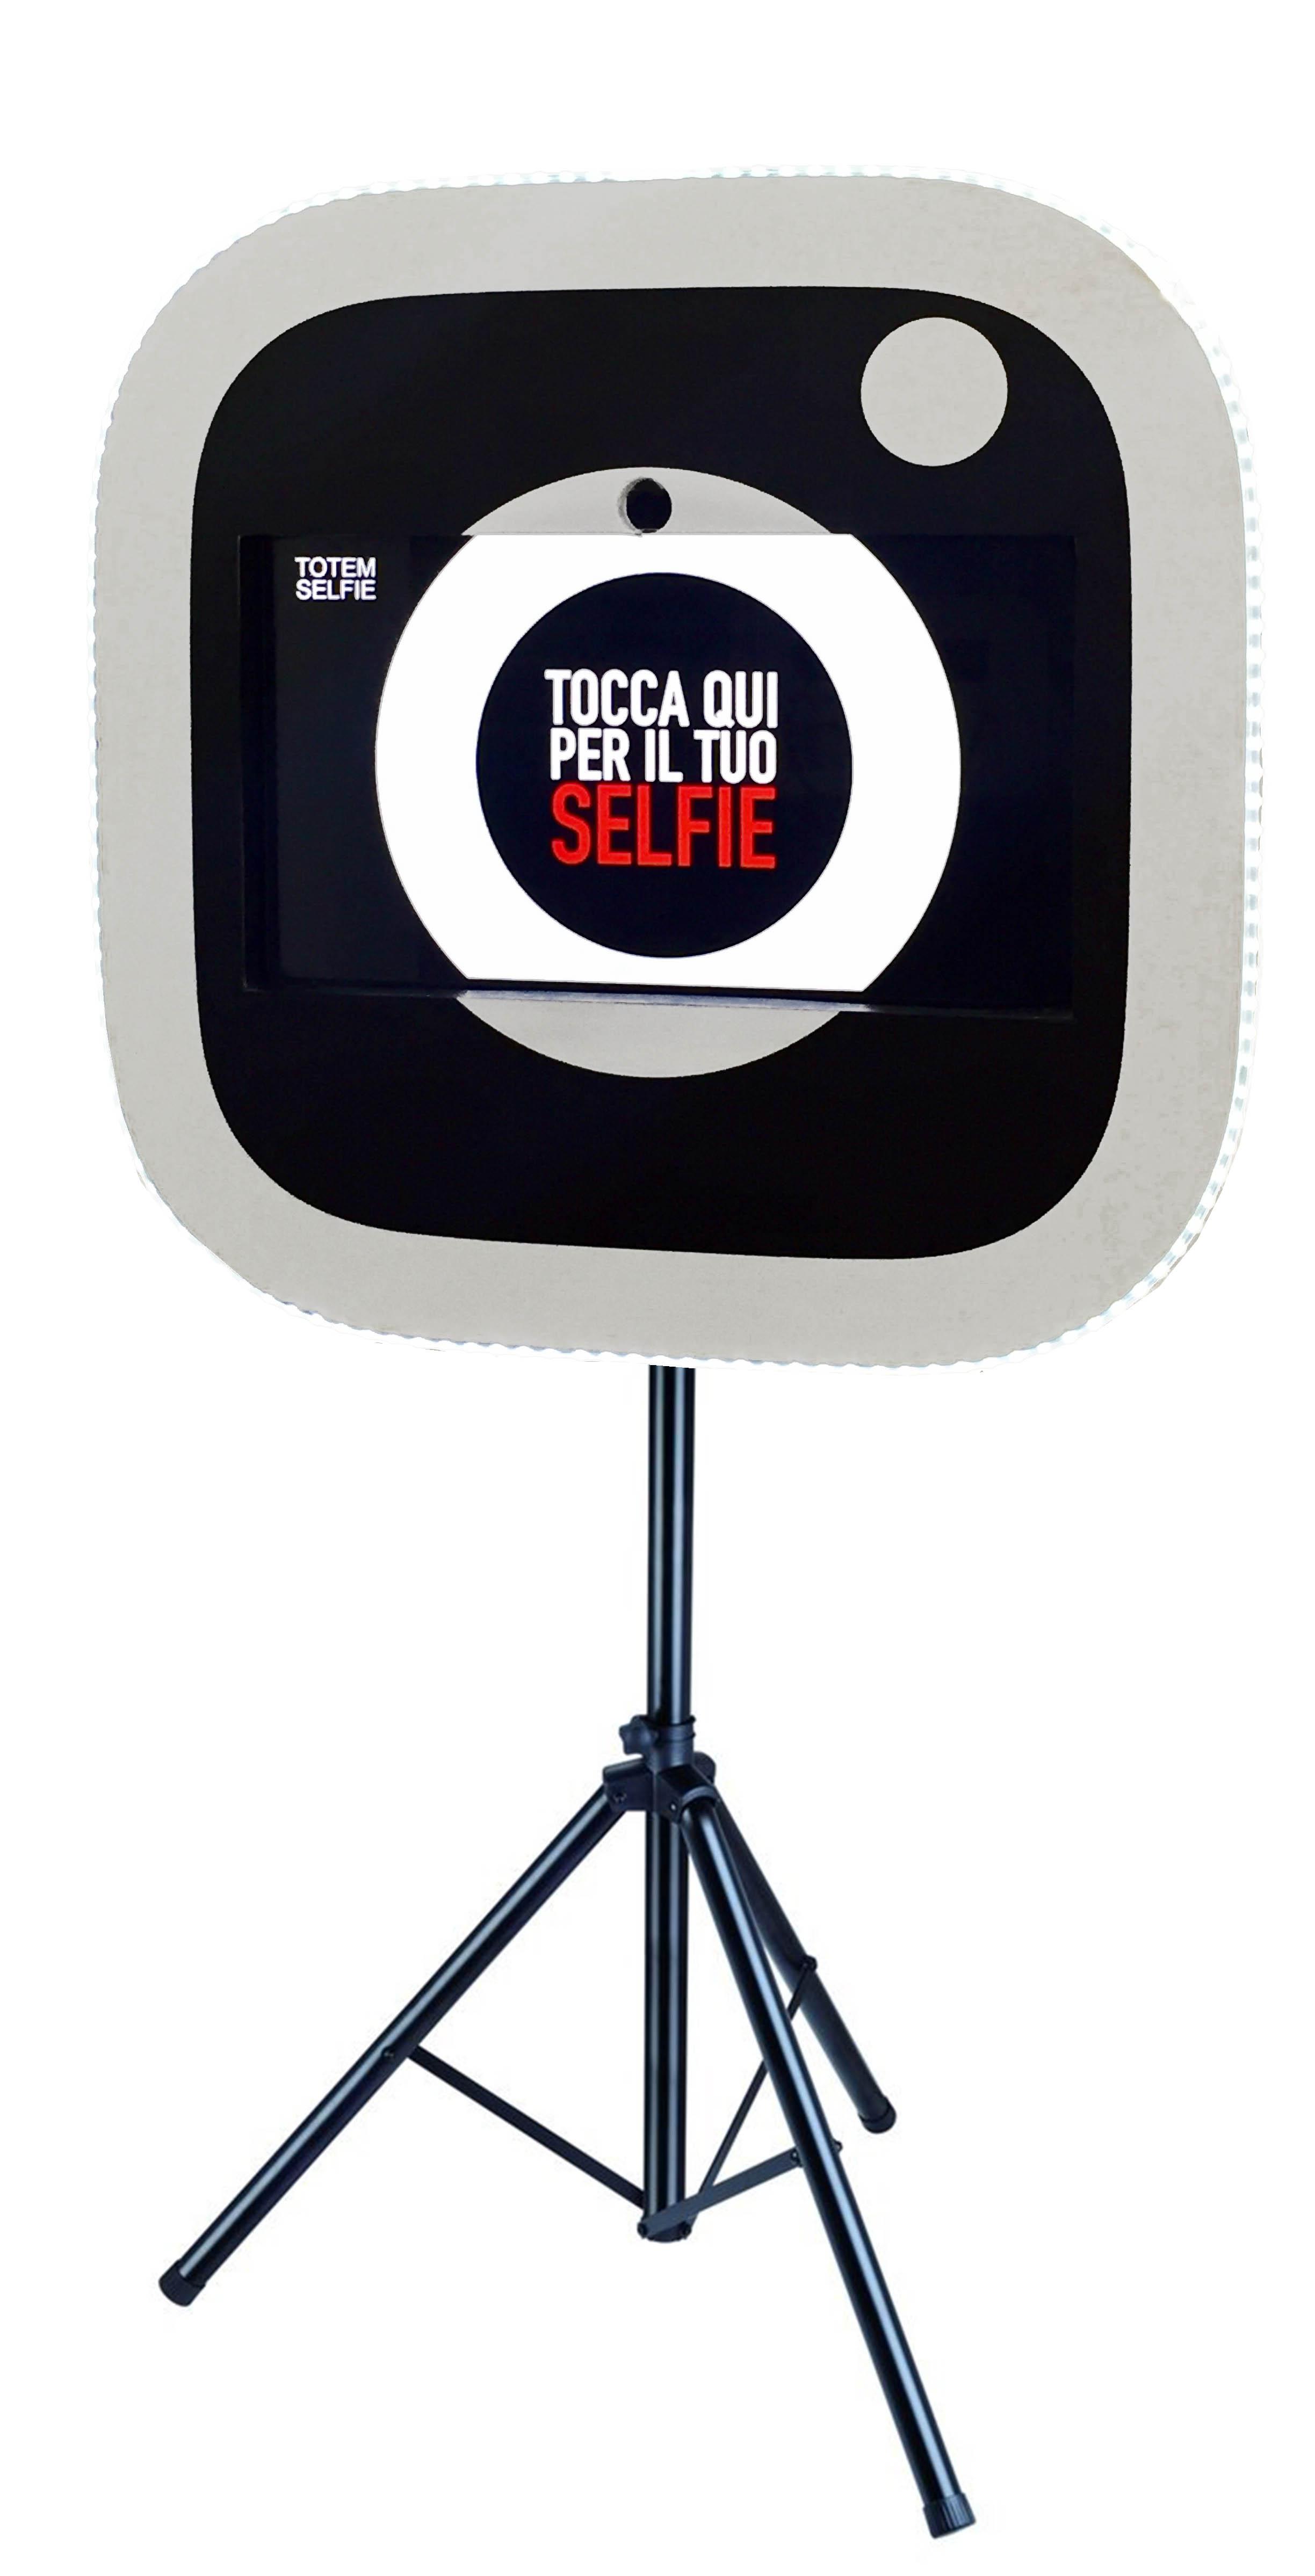 Totem Selfie